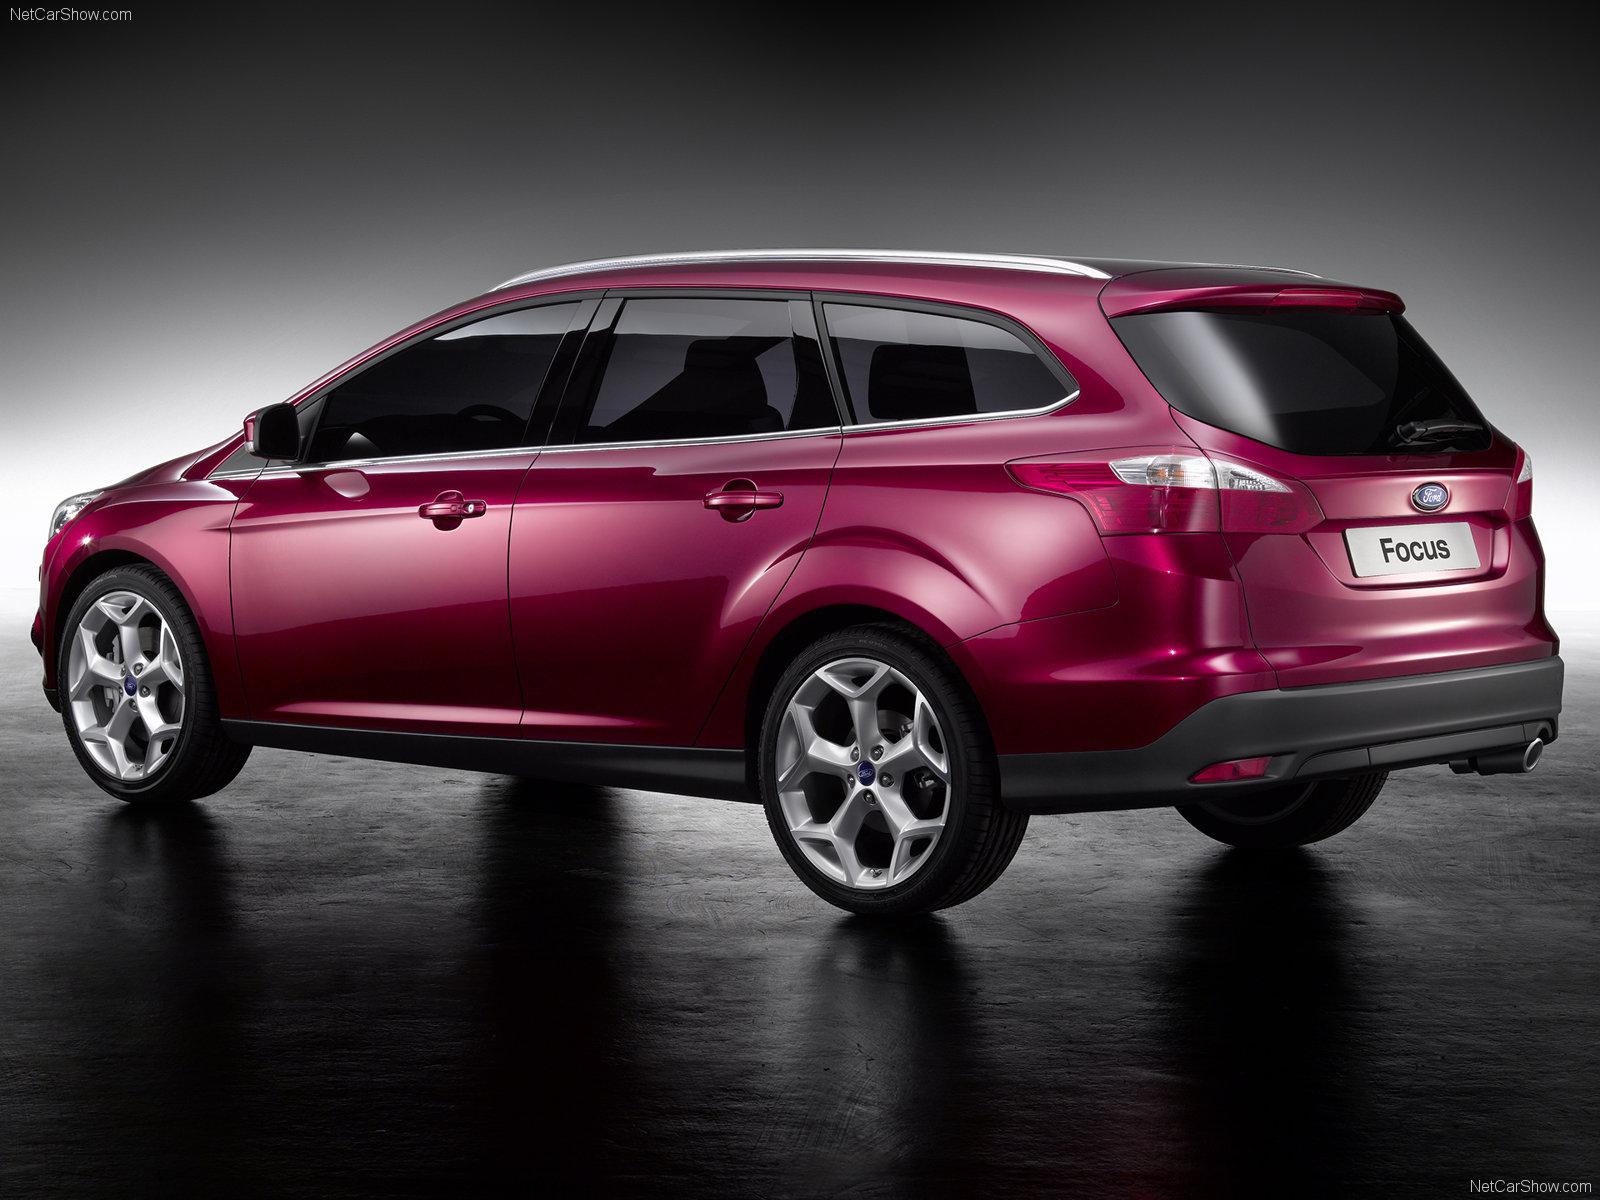 O Futuro Do Carro  Review Da Semana  Ford Focus